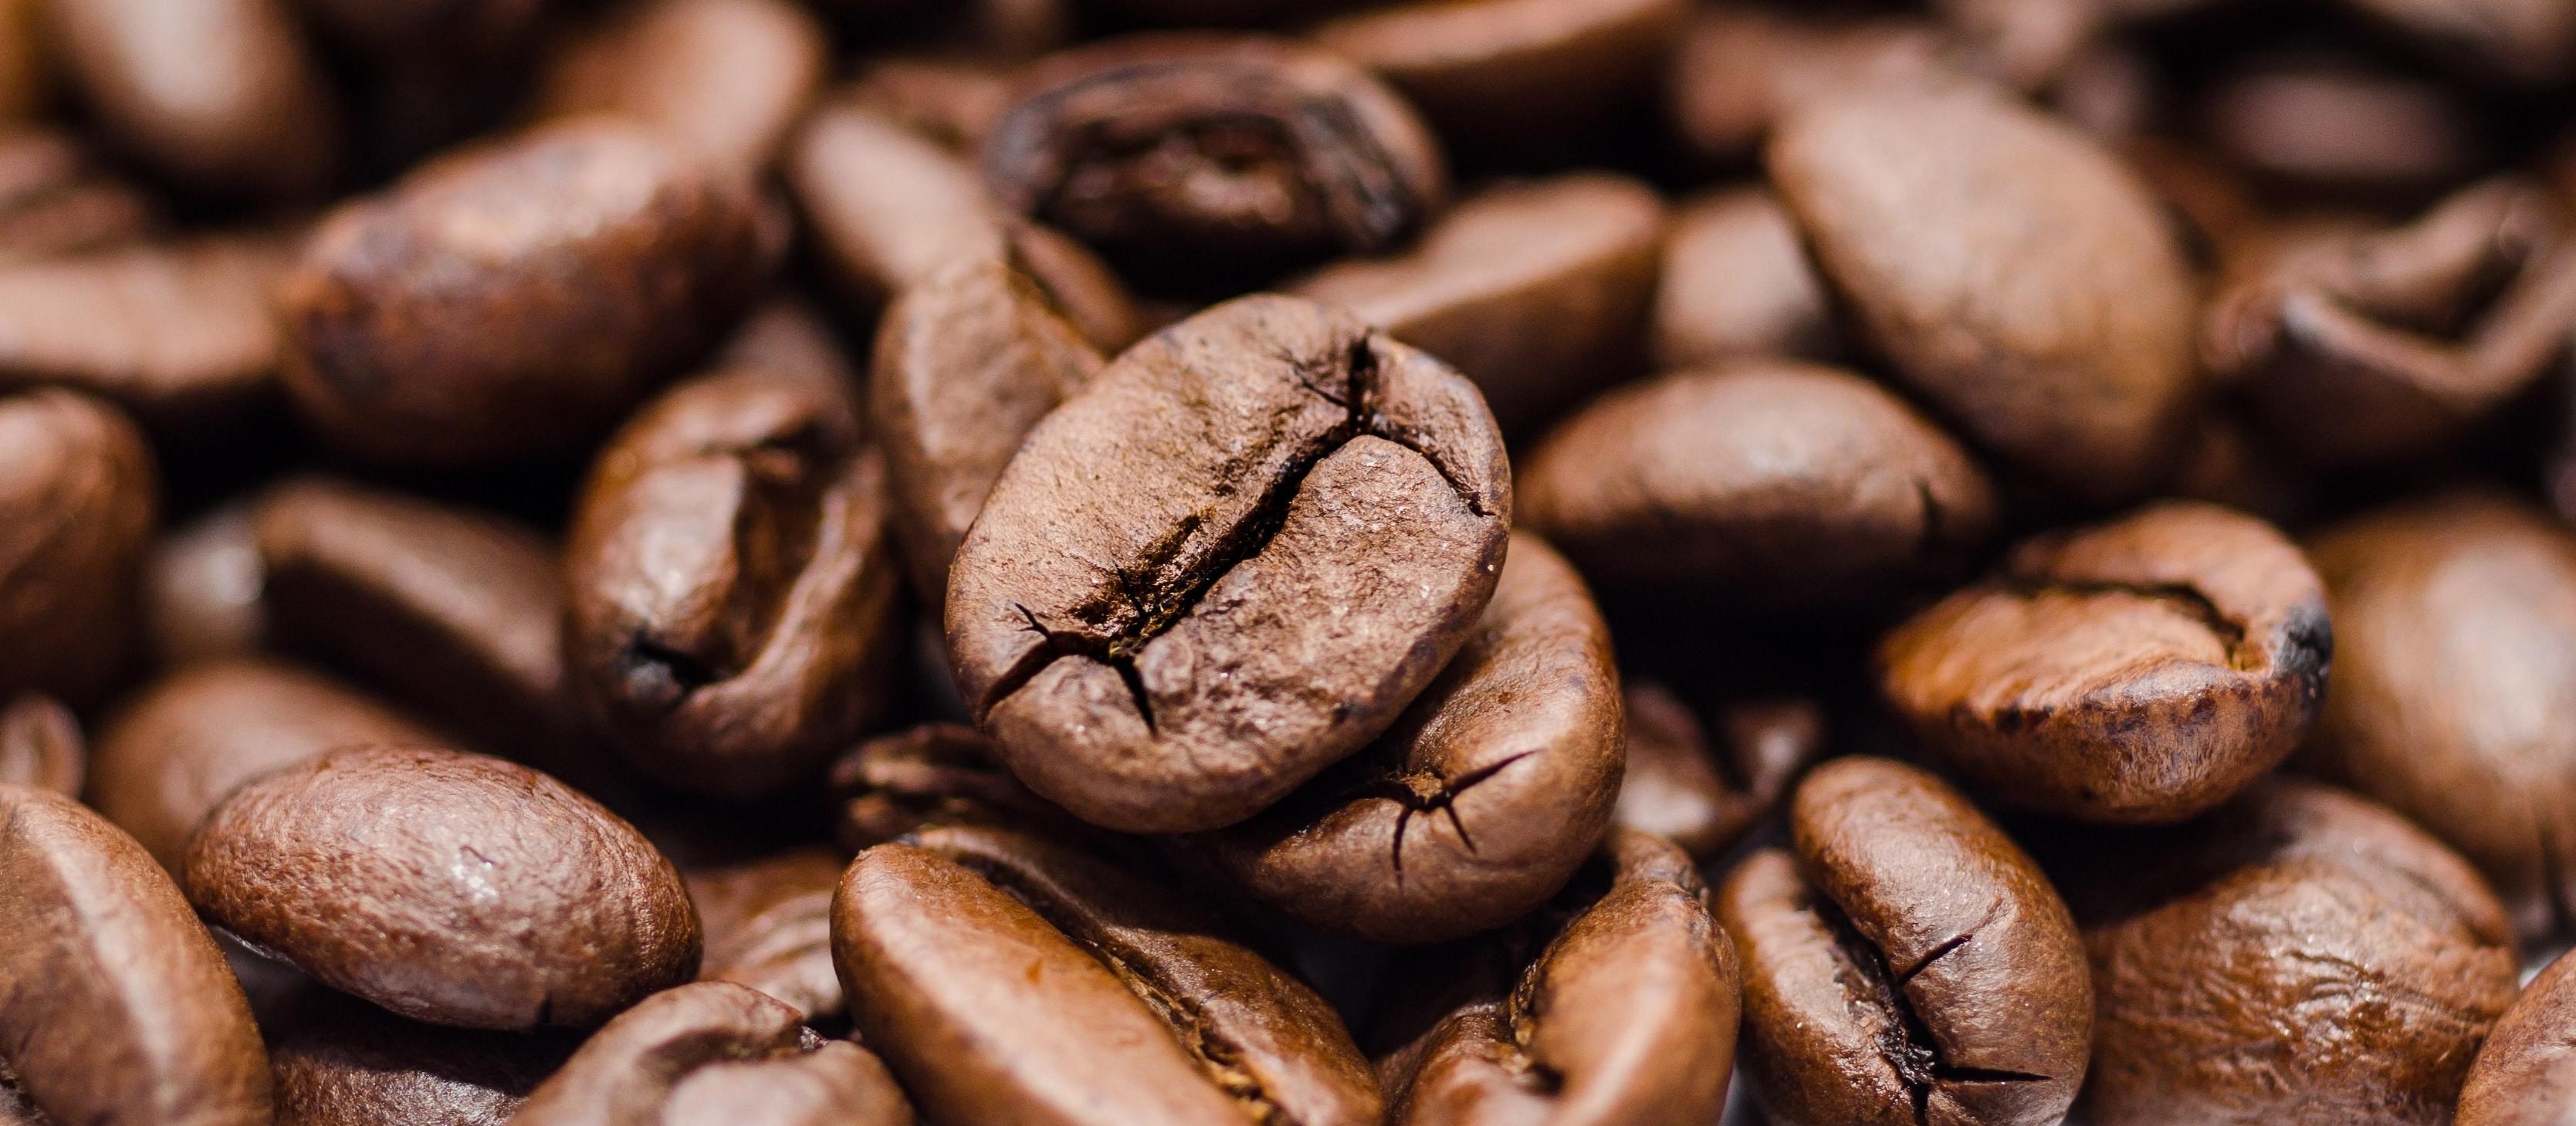 Café em coco custa R$ 6,05 em Maringá